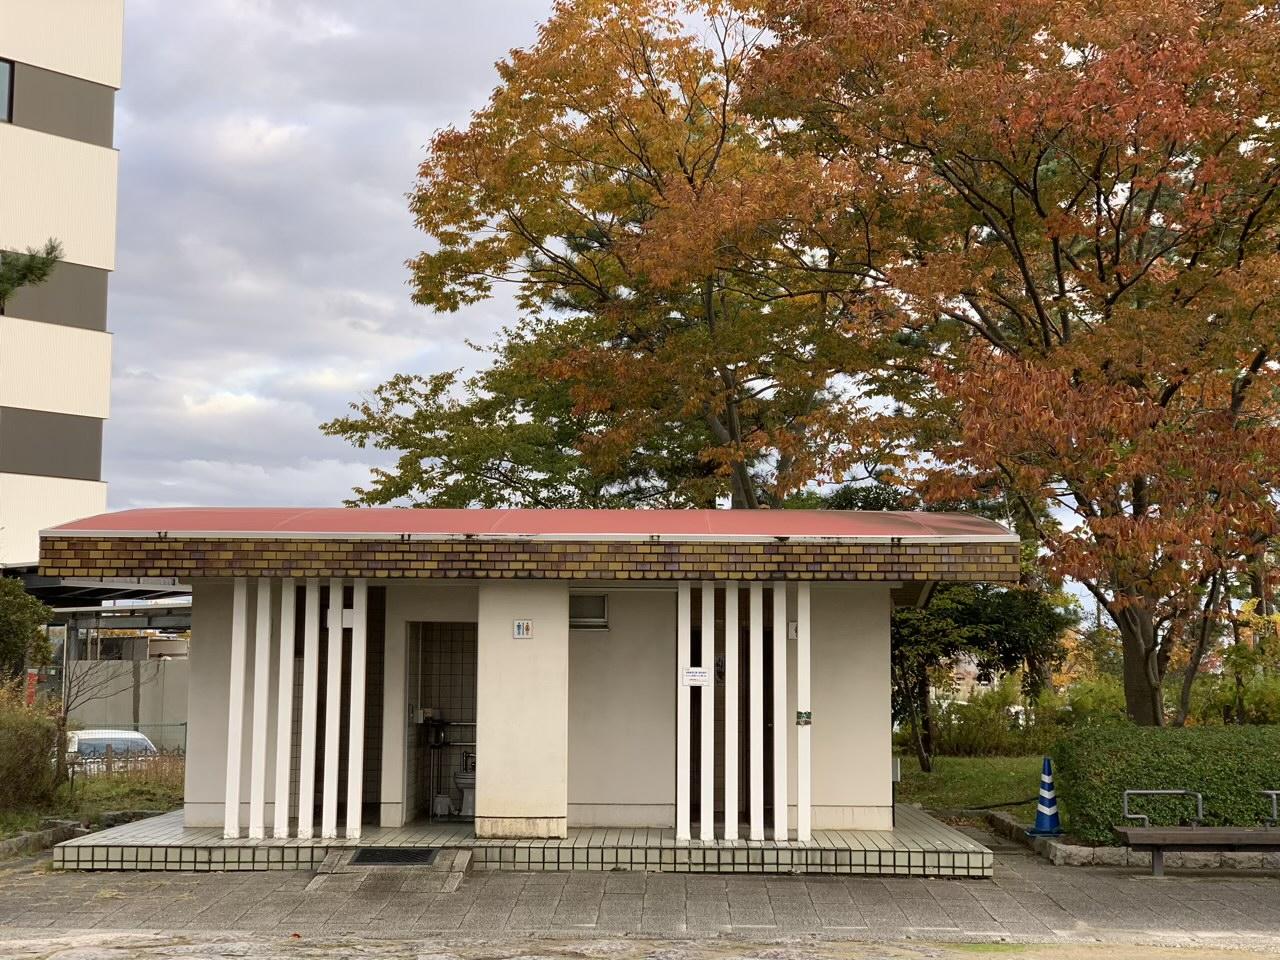 新潟県立鳥屋野潟公園|鐘木地区の雰囲気 公衆トイレ